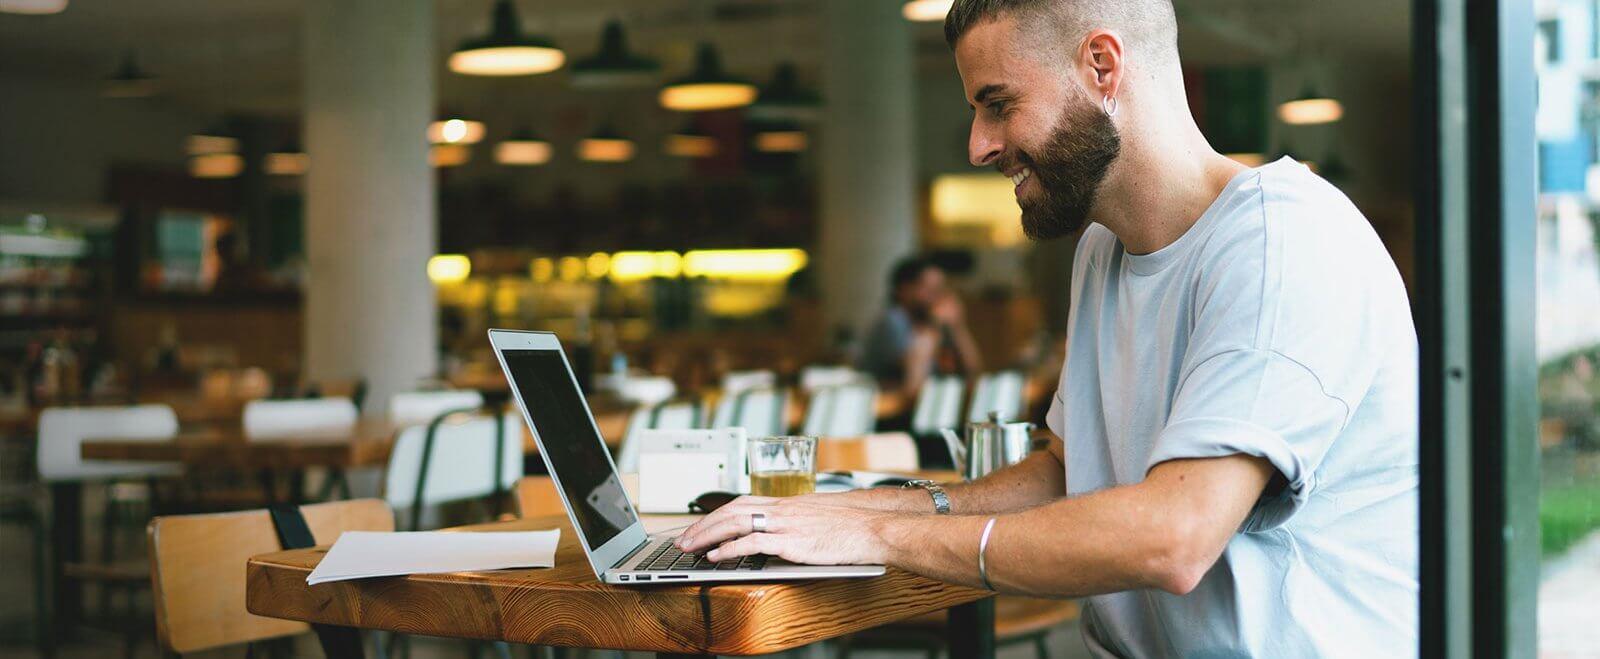 Risiken für Blogger: Leben Influencer gefährlich?